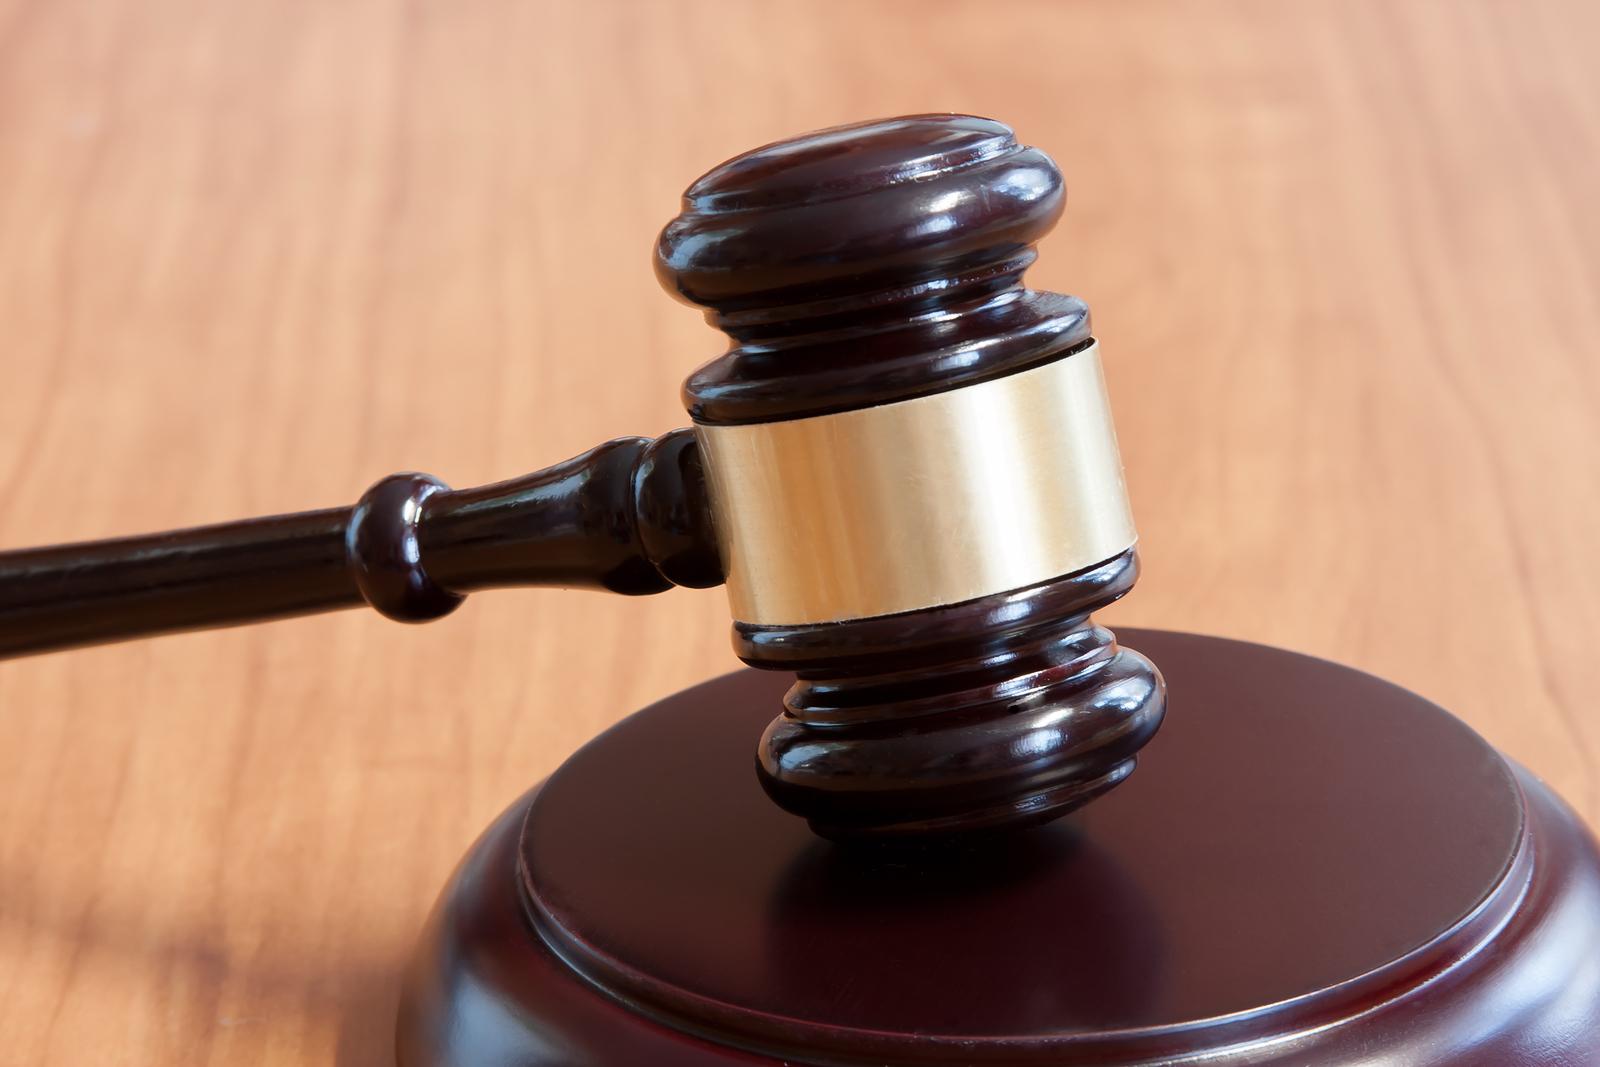 bigstock-Judicial-Hammer-On-A-Wooden-T-119911805.jpg